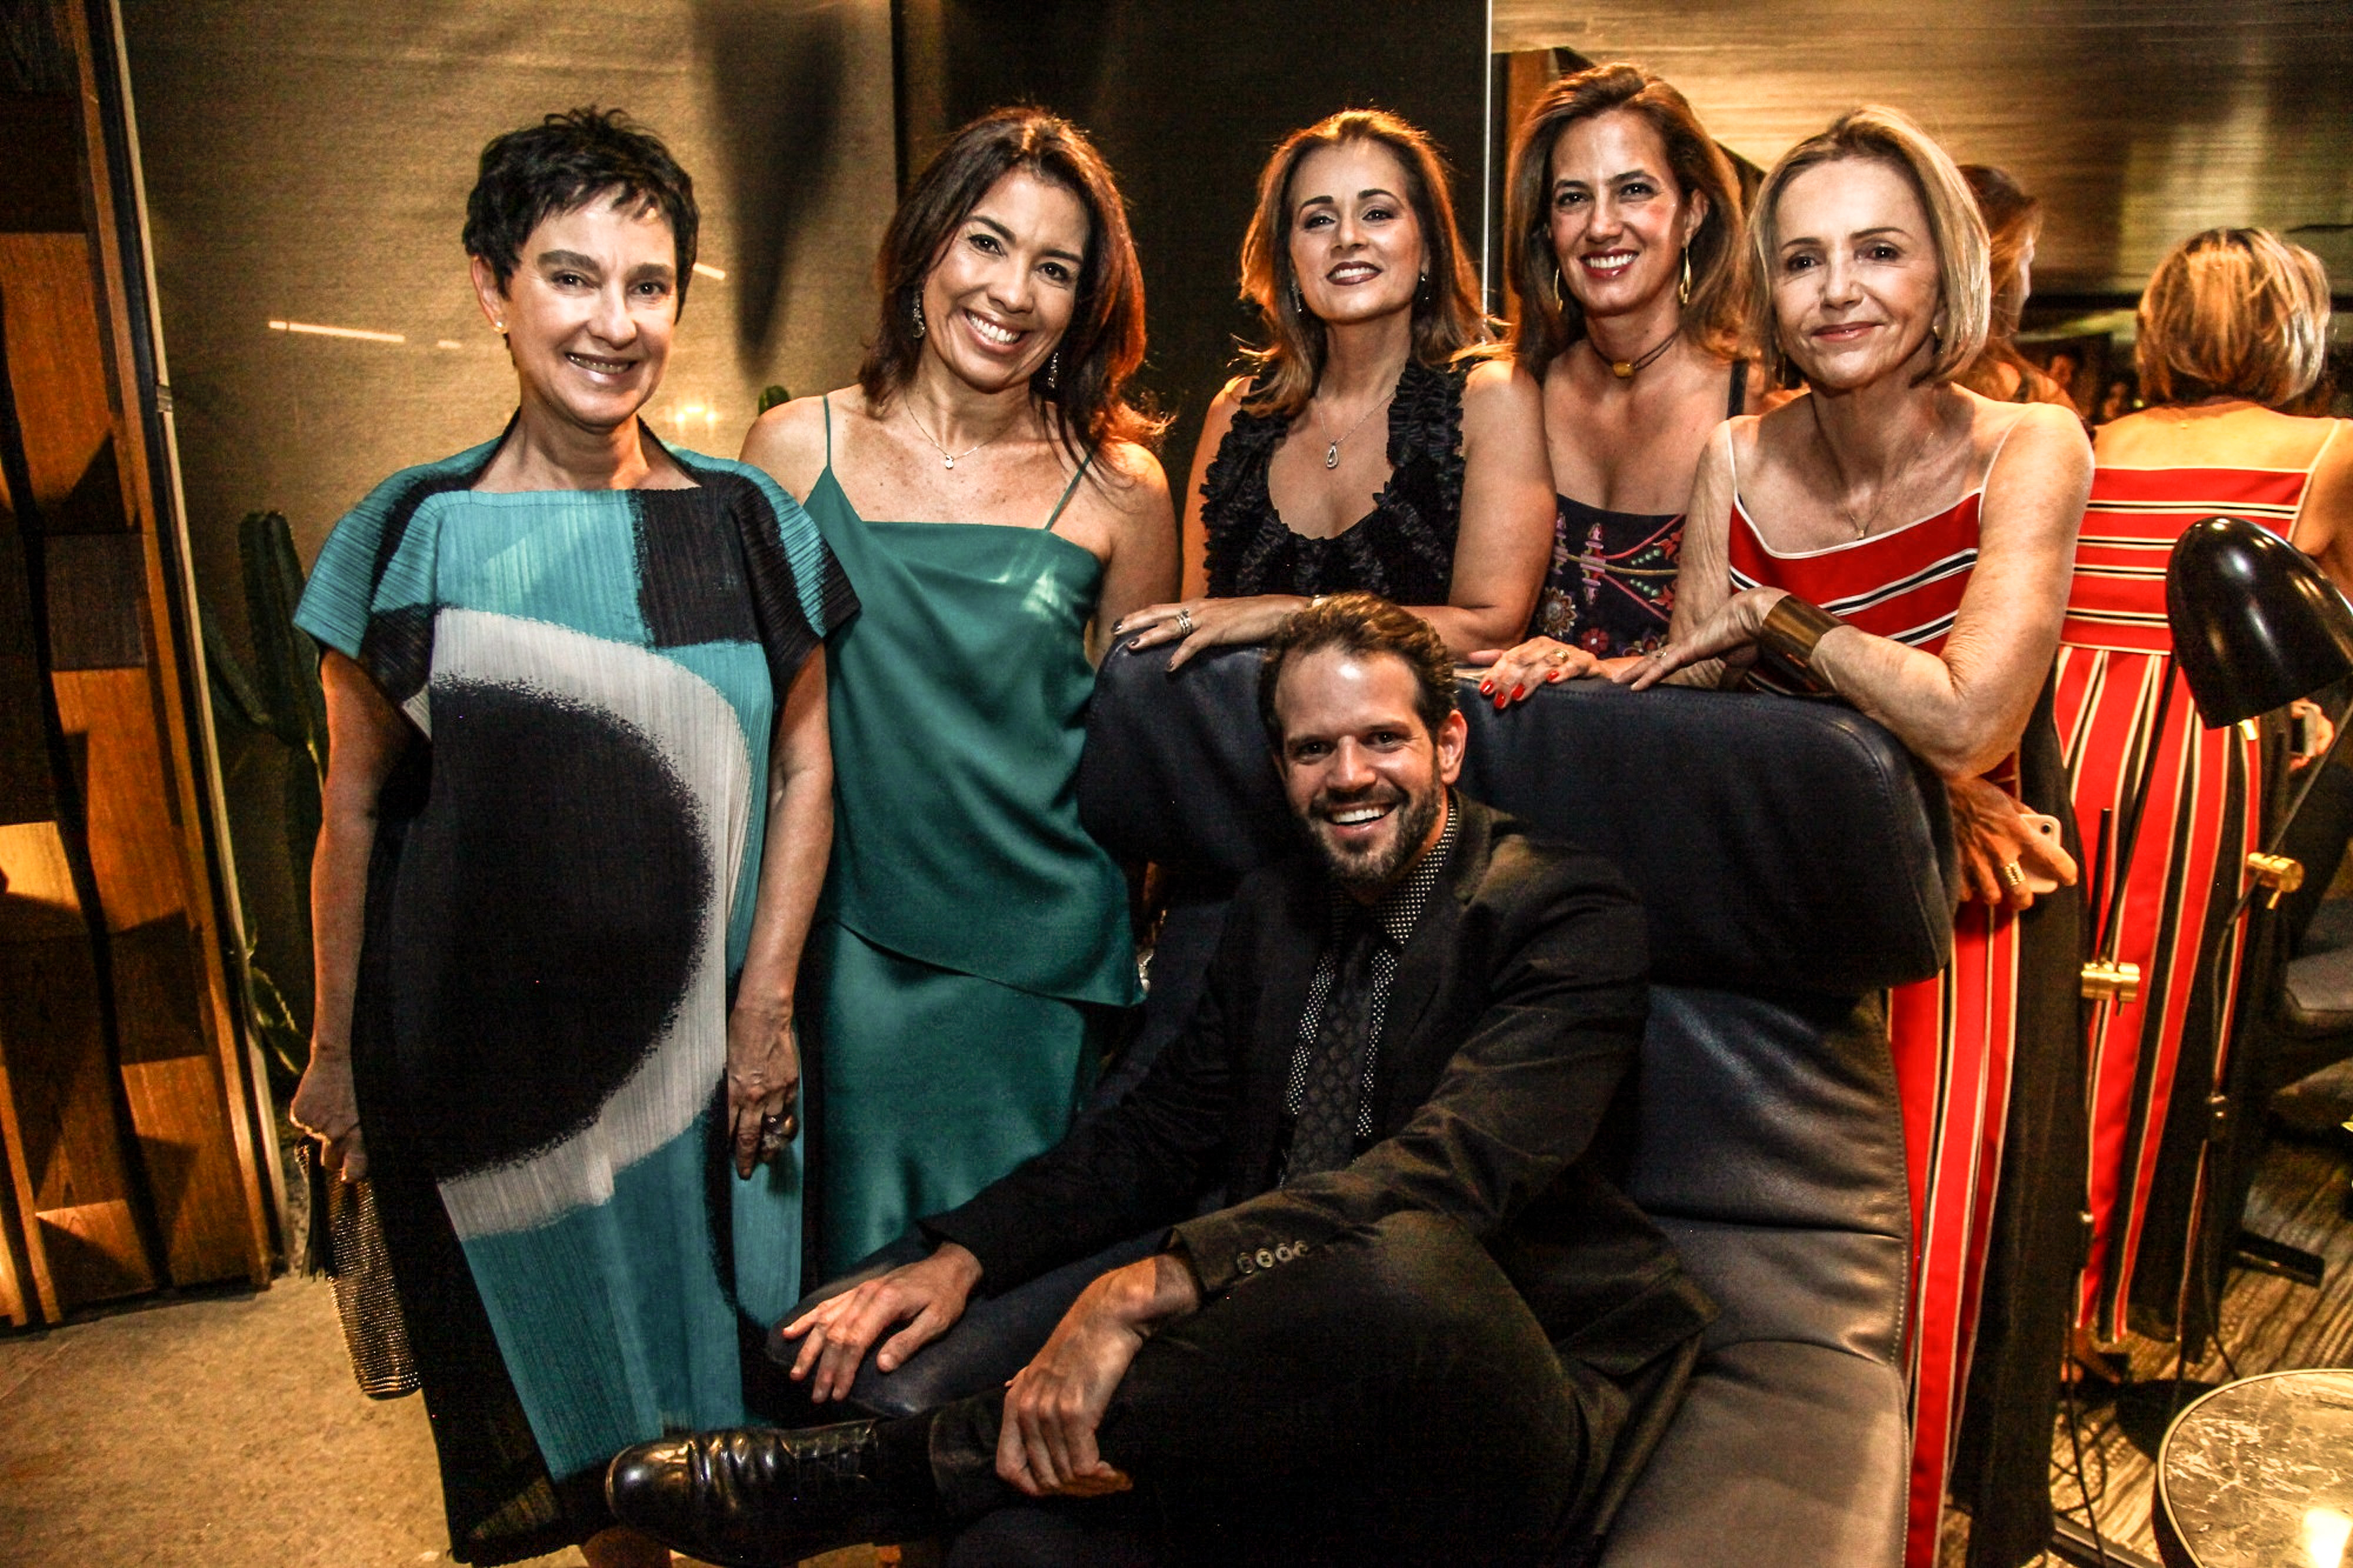 Lívia Pereira, Eliane Martins, Mônica Pinto, Isabel Veiga, Sheila Podestá e Arnaldo Pinho_Crédito_Ariel Costa.jpg